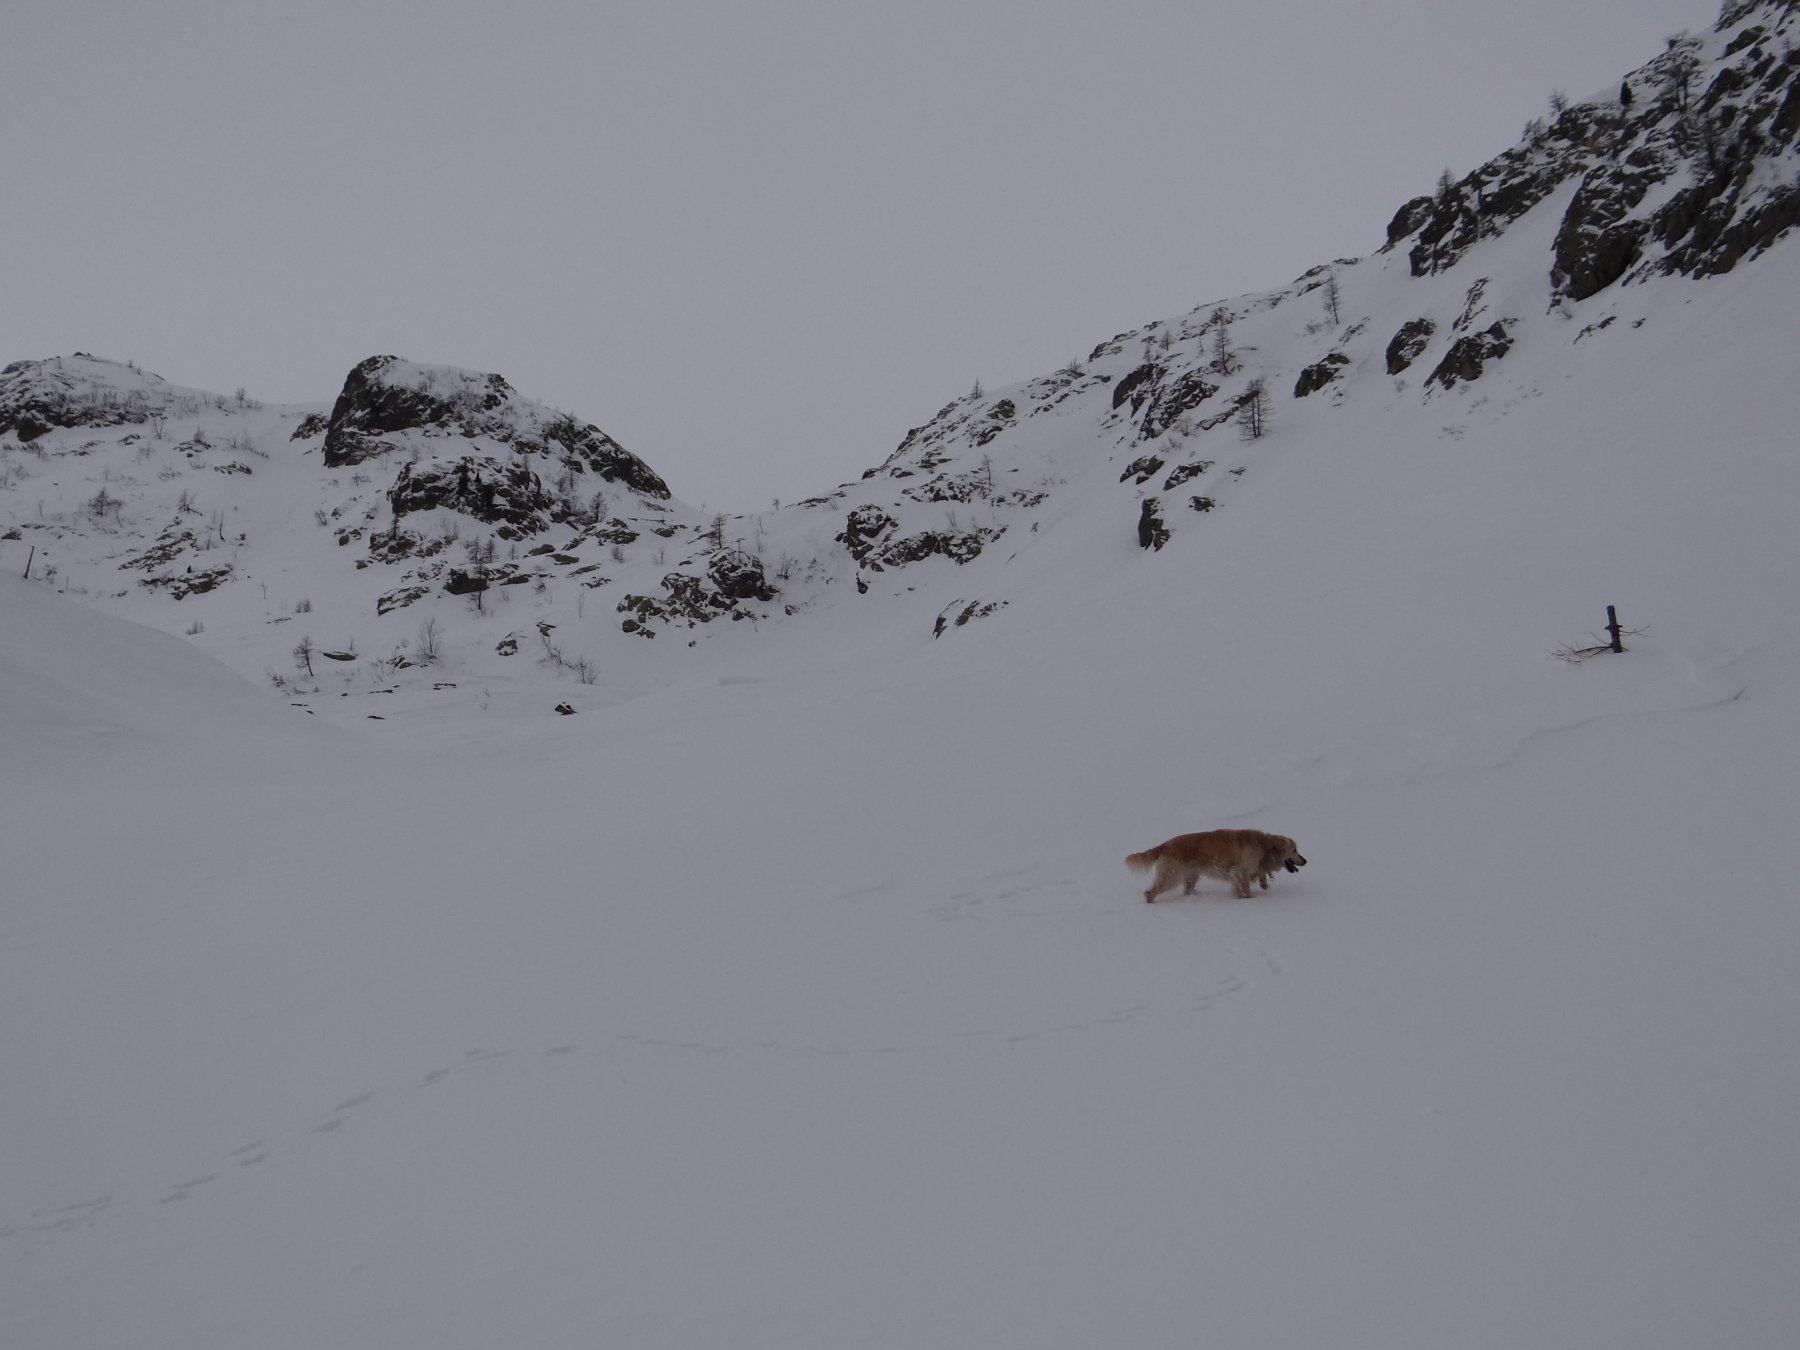 Salendo verso Sella Revelli, accompagnati da Gandalf (il non più giovane) e da qualche fiocco di neve